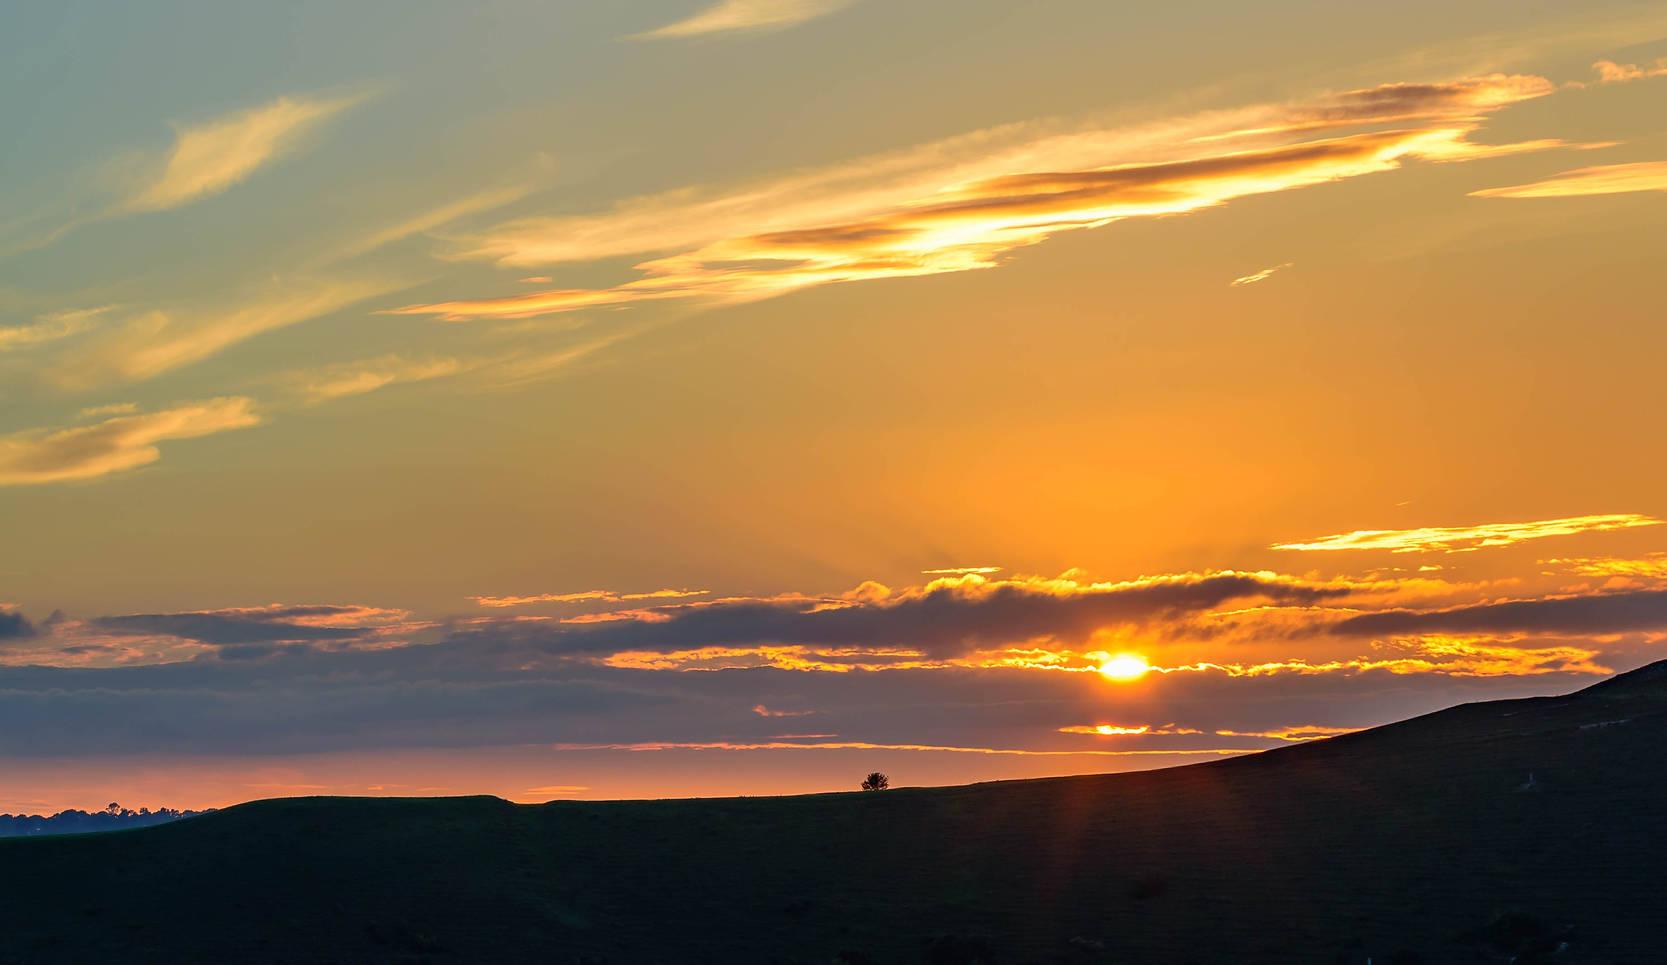 HD Sunset Modified